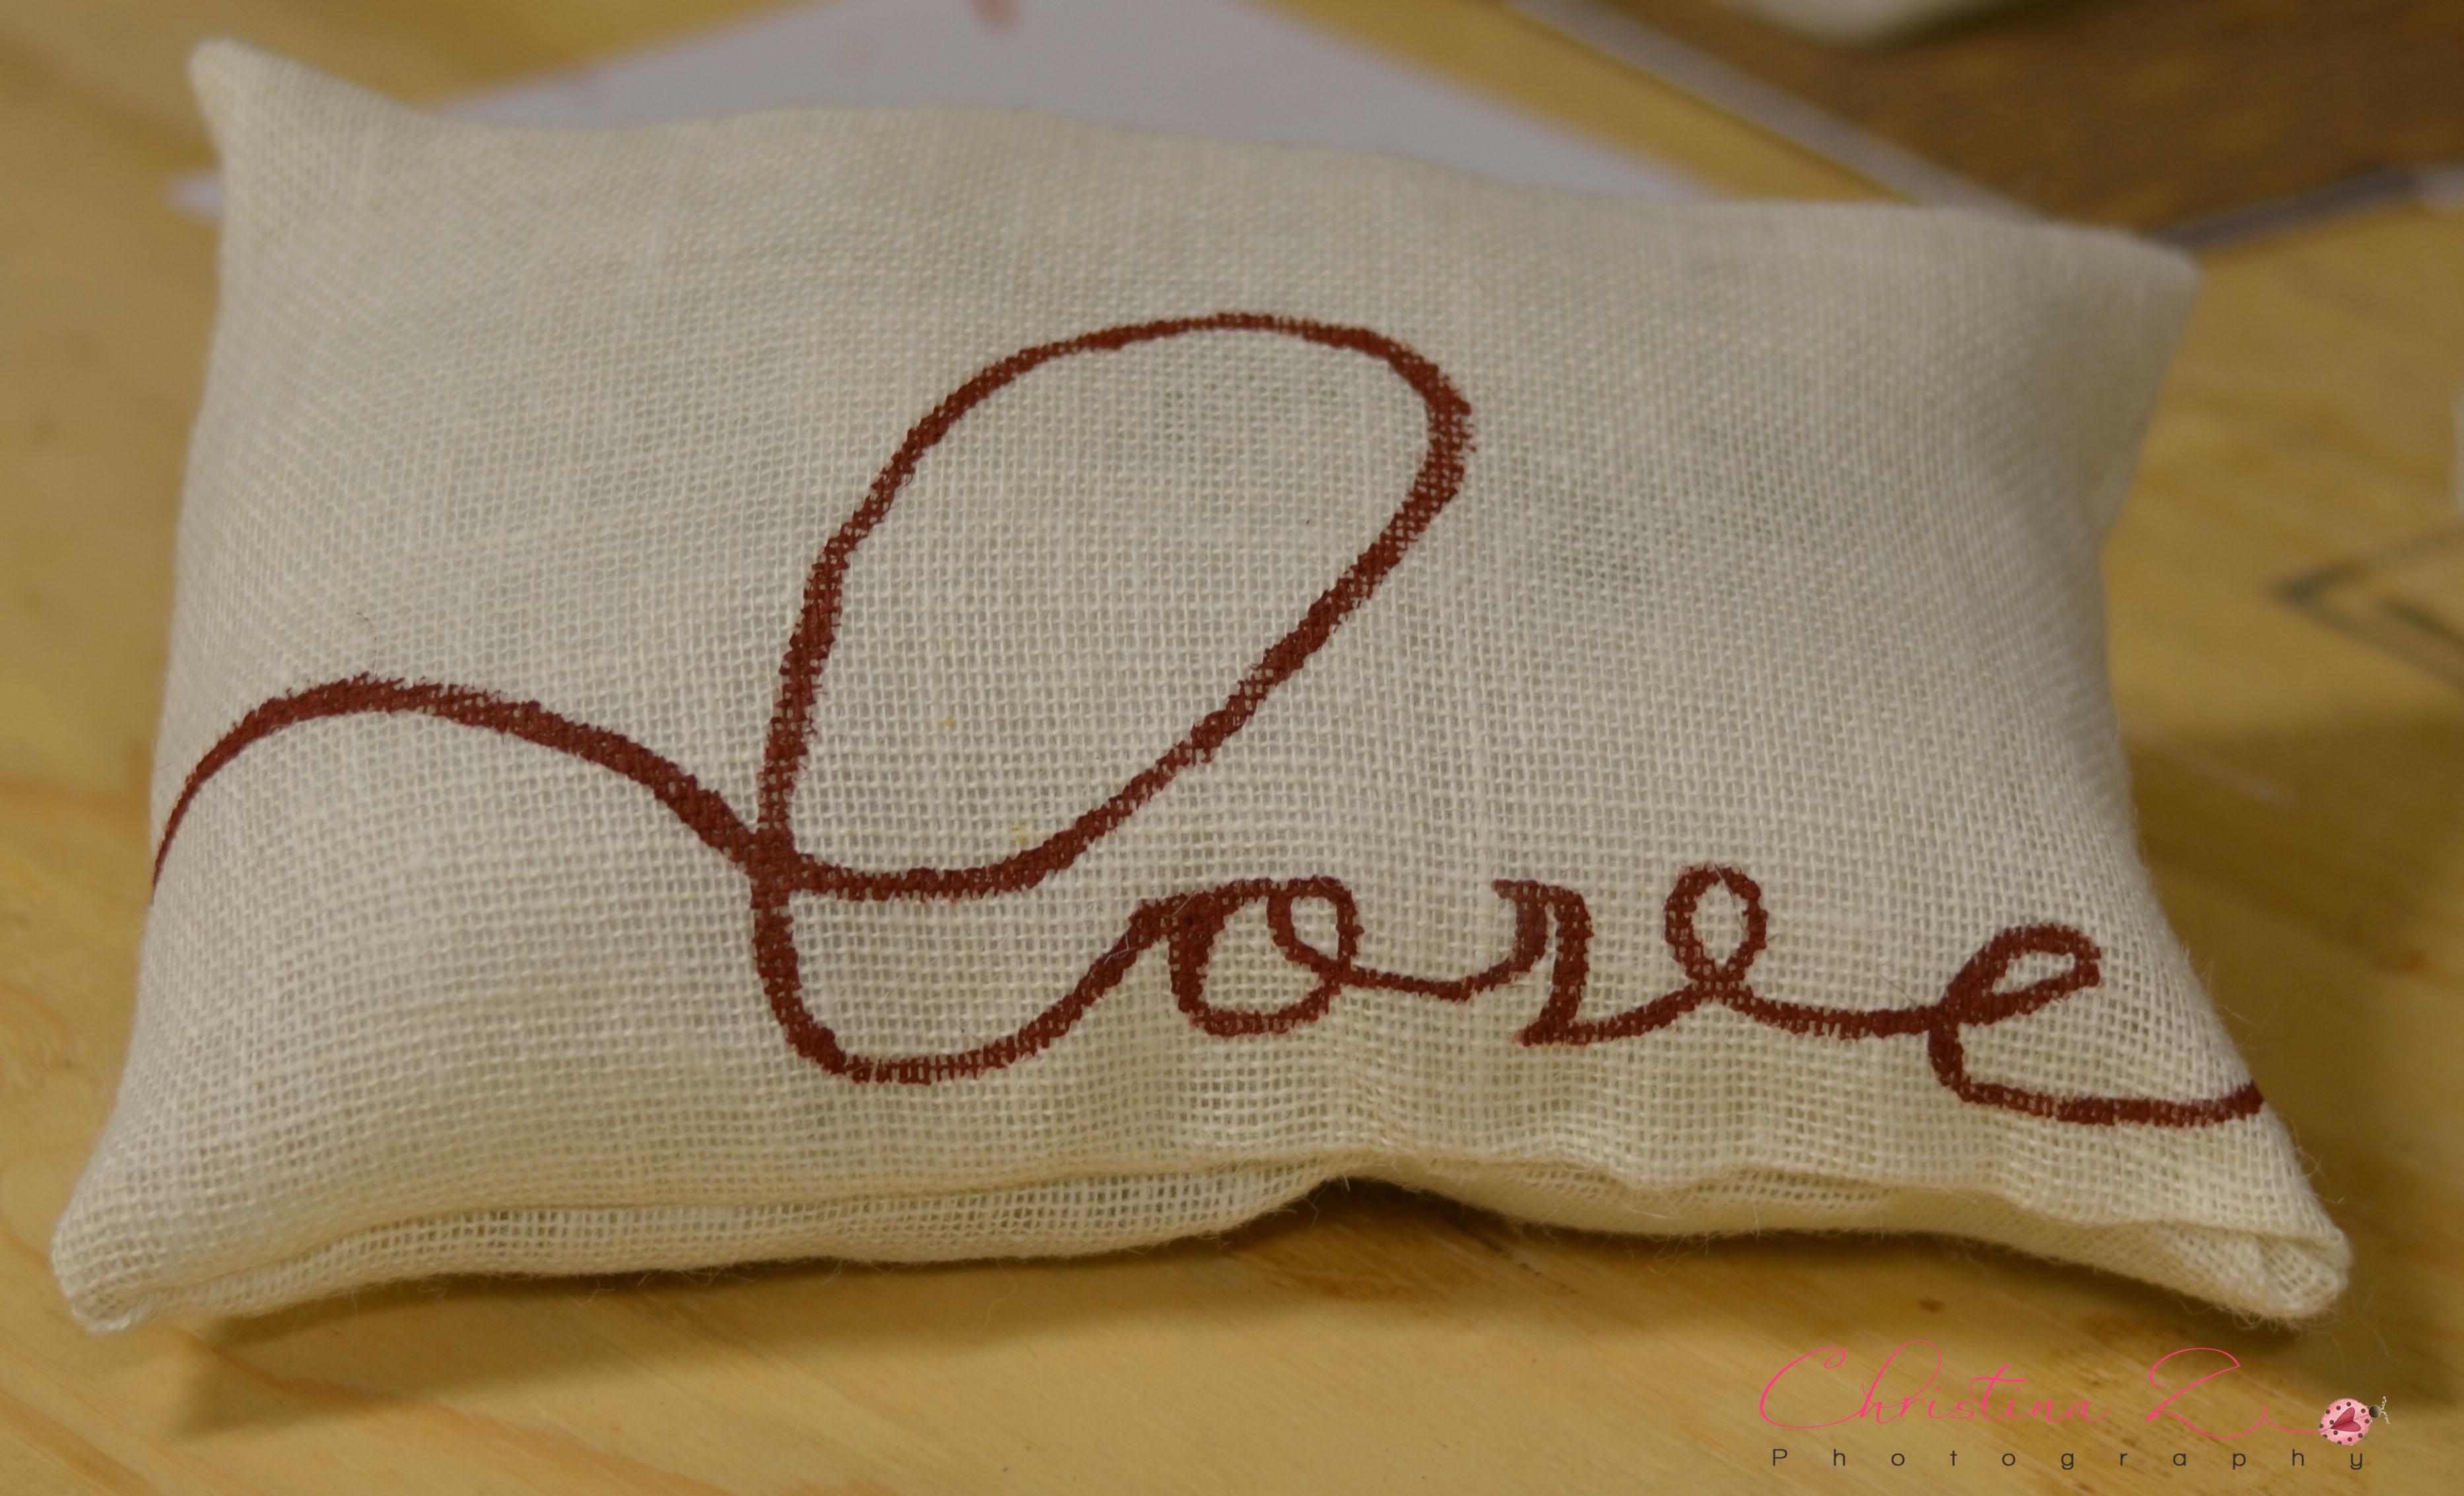 & DIY: No-Sew Burlap Pillow - Christina Z Photography pillowsntoast.com